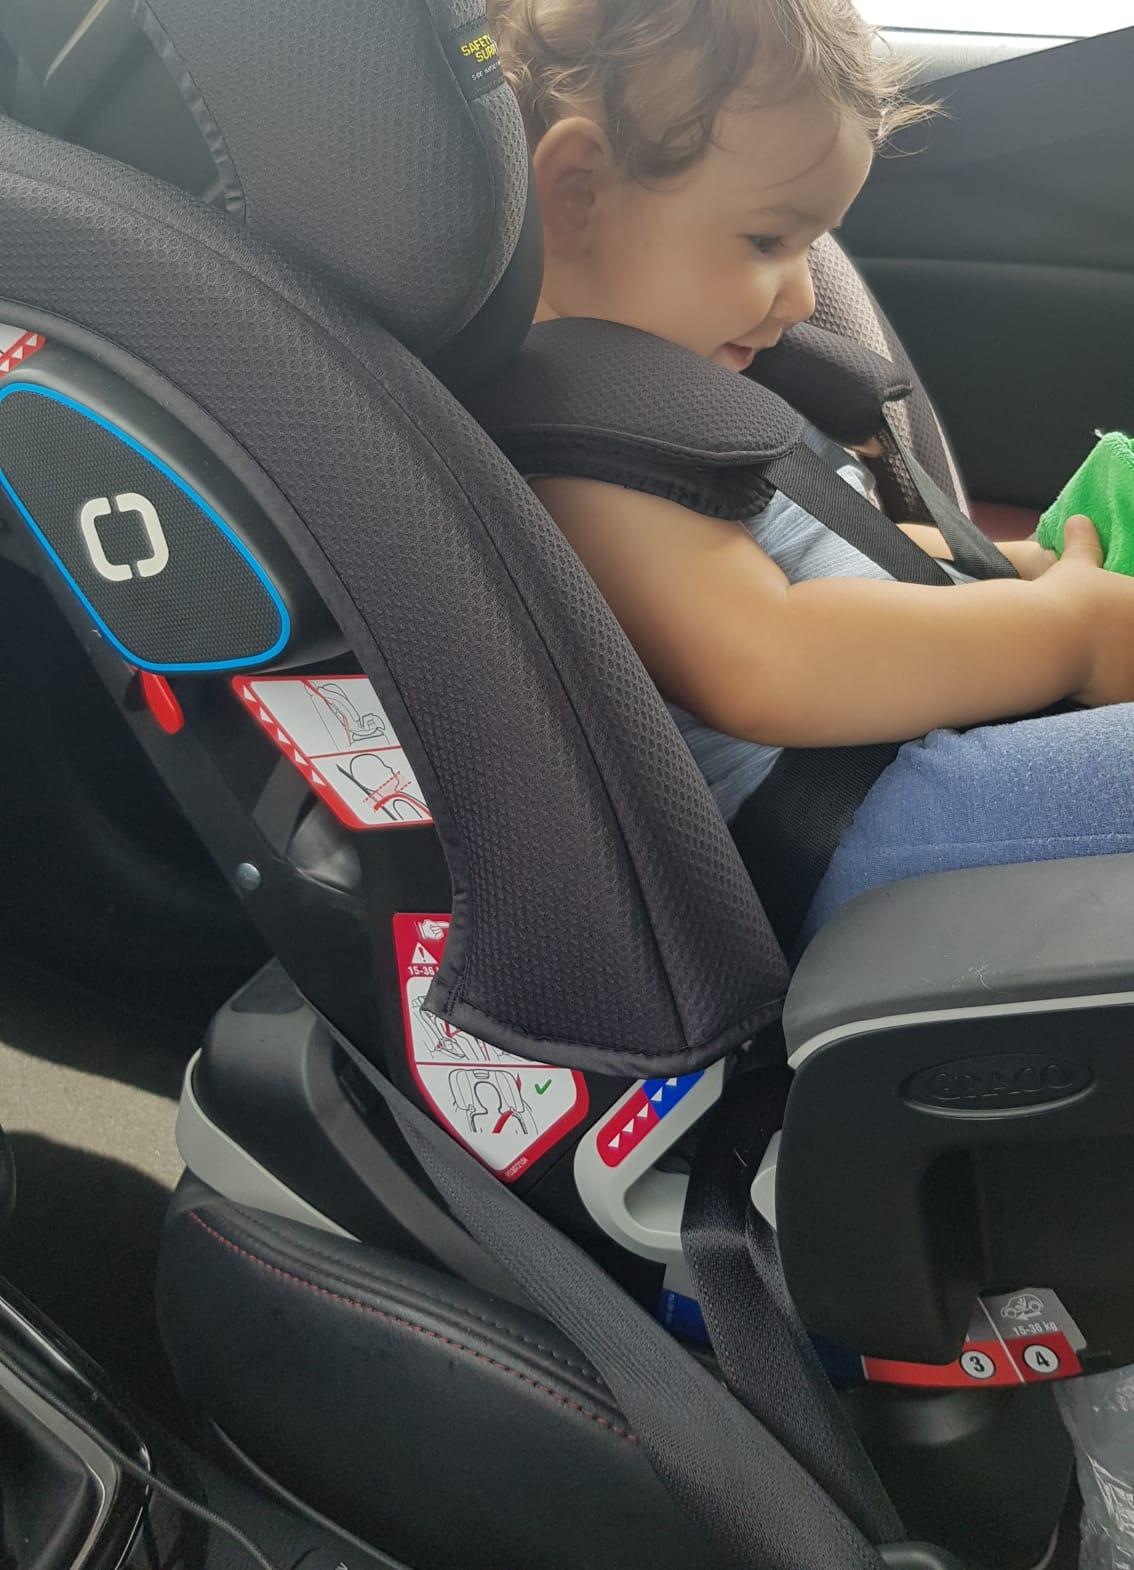 Cum e mai sigur scaunul auto pentru copil: cu isofix sau prins in centuri?